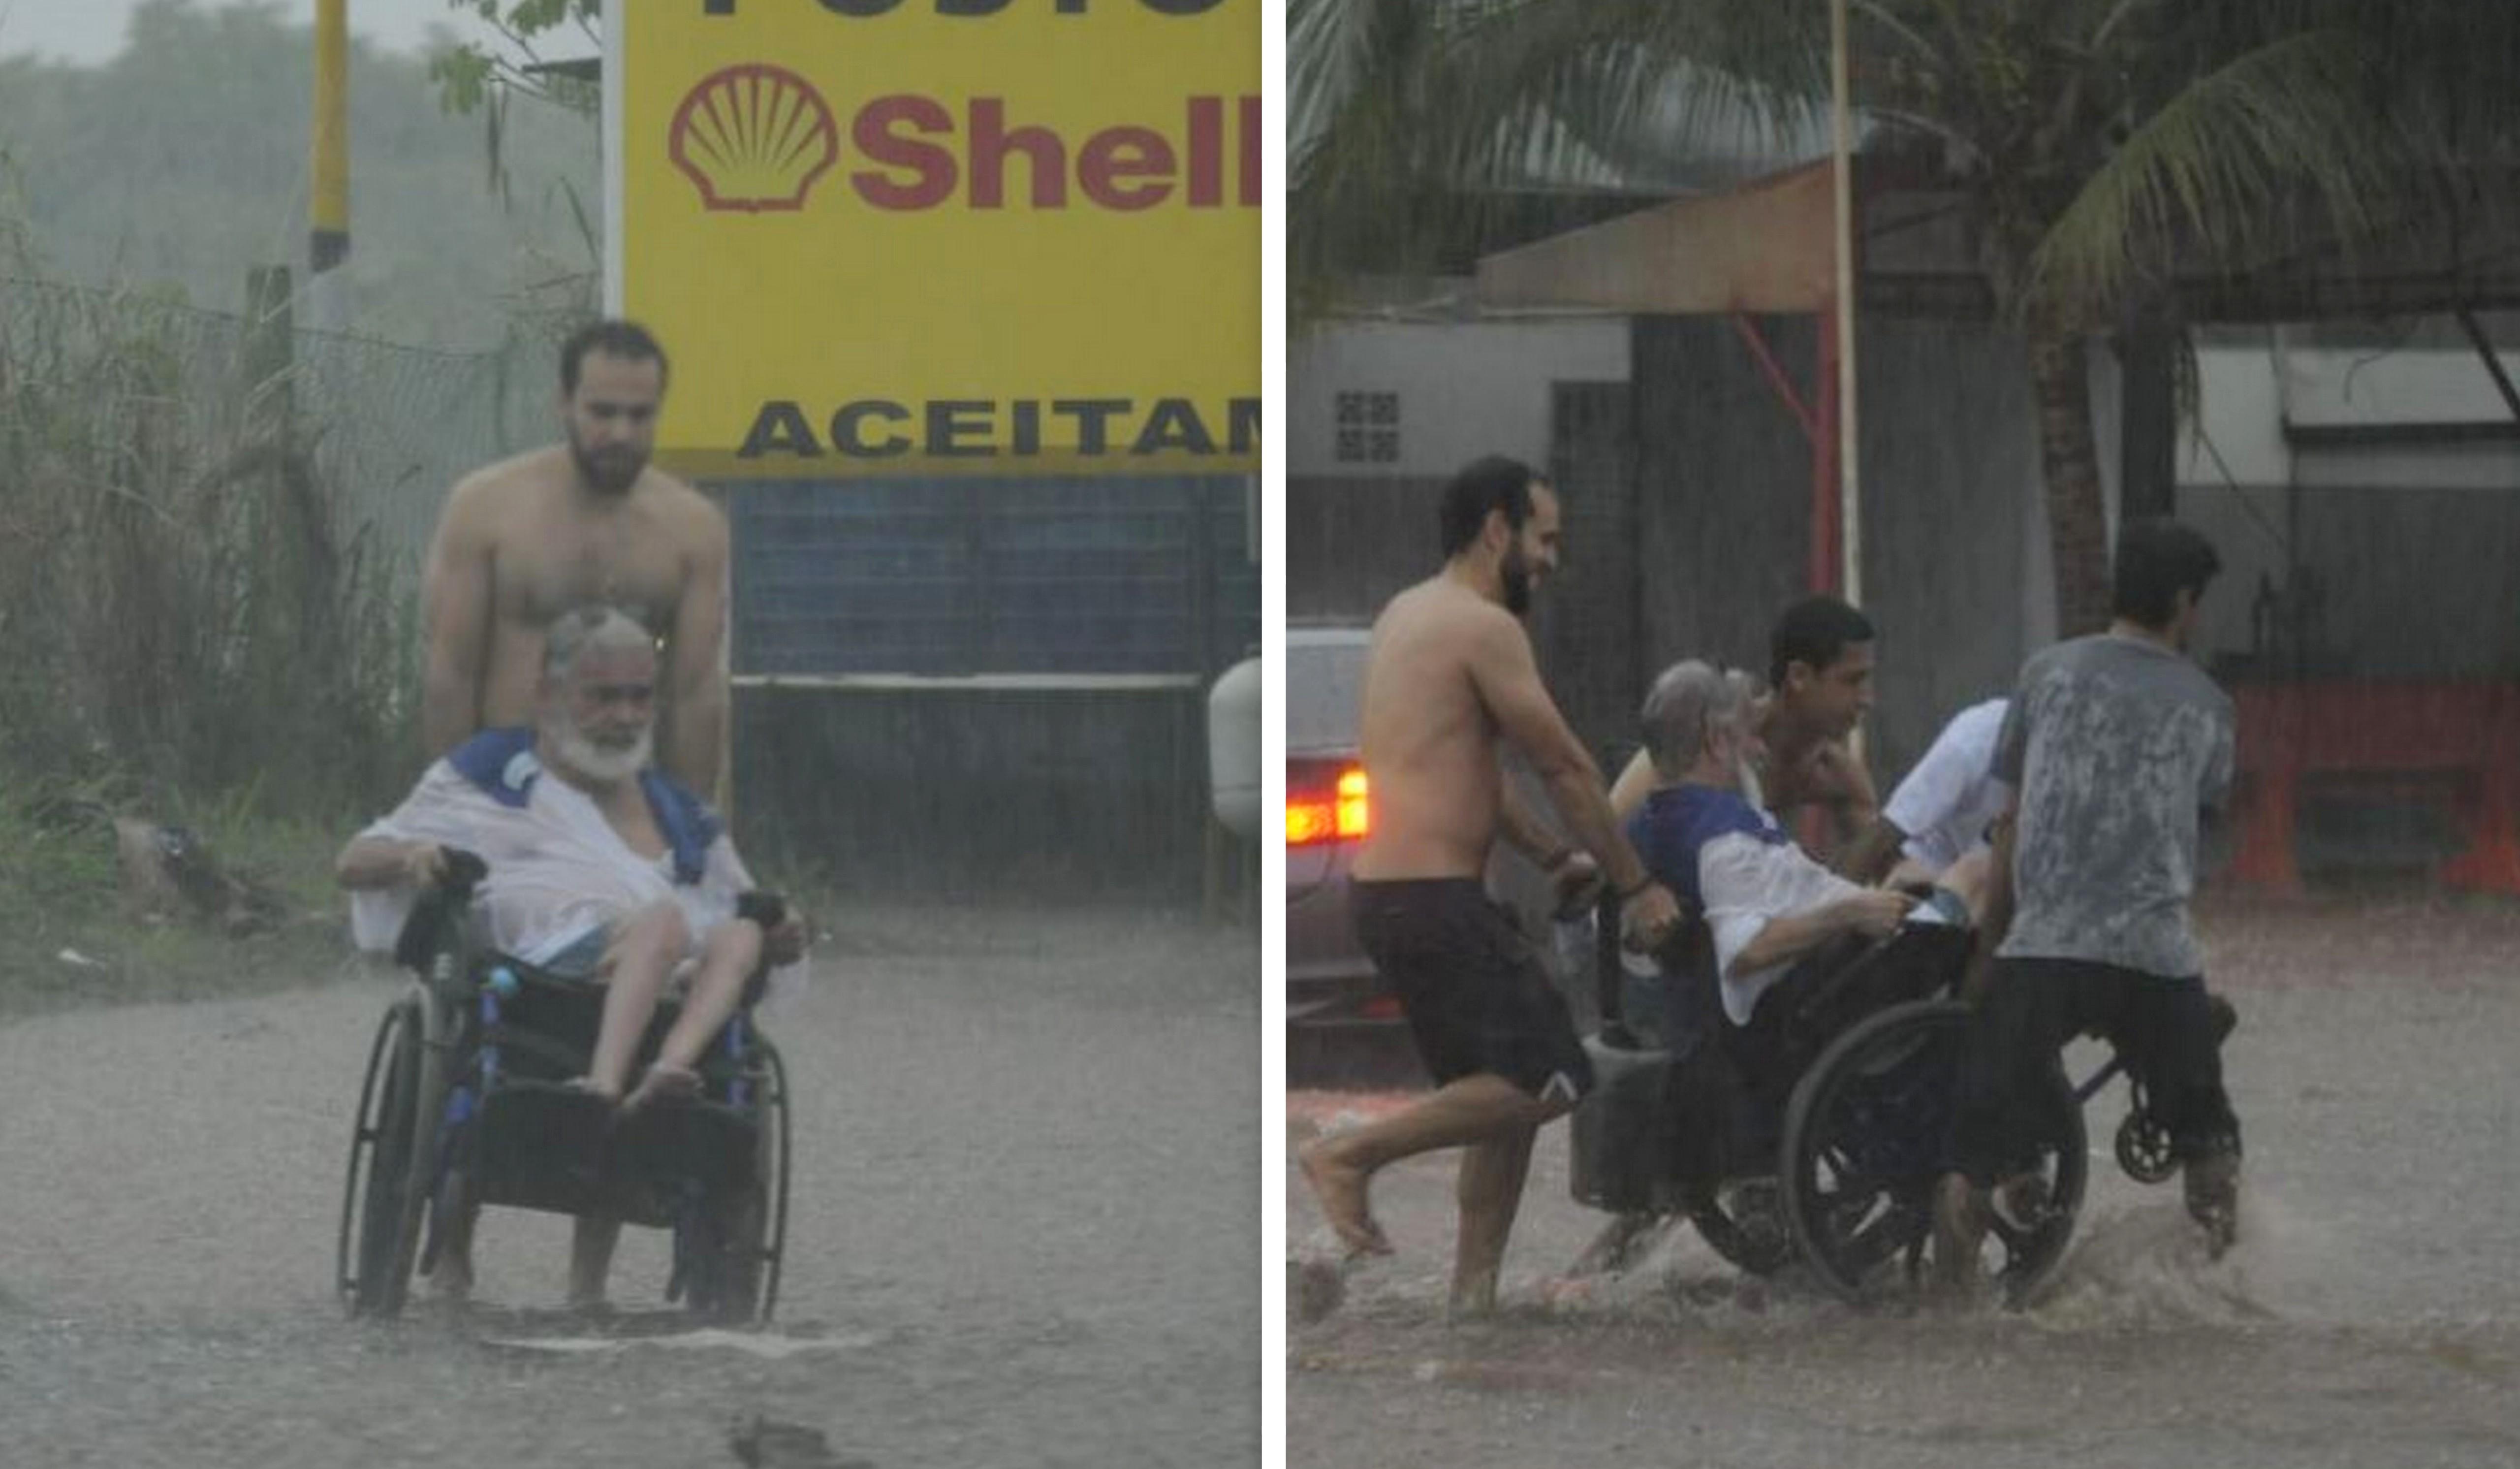 Em meio a chuva, jovens ajudam cadeirante a atravessar a rua 3